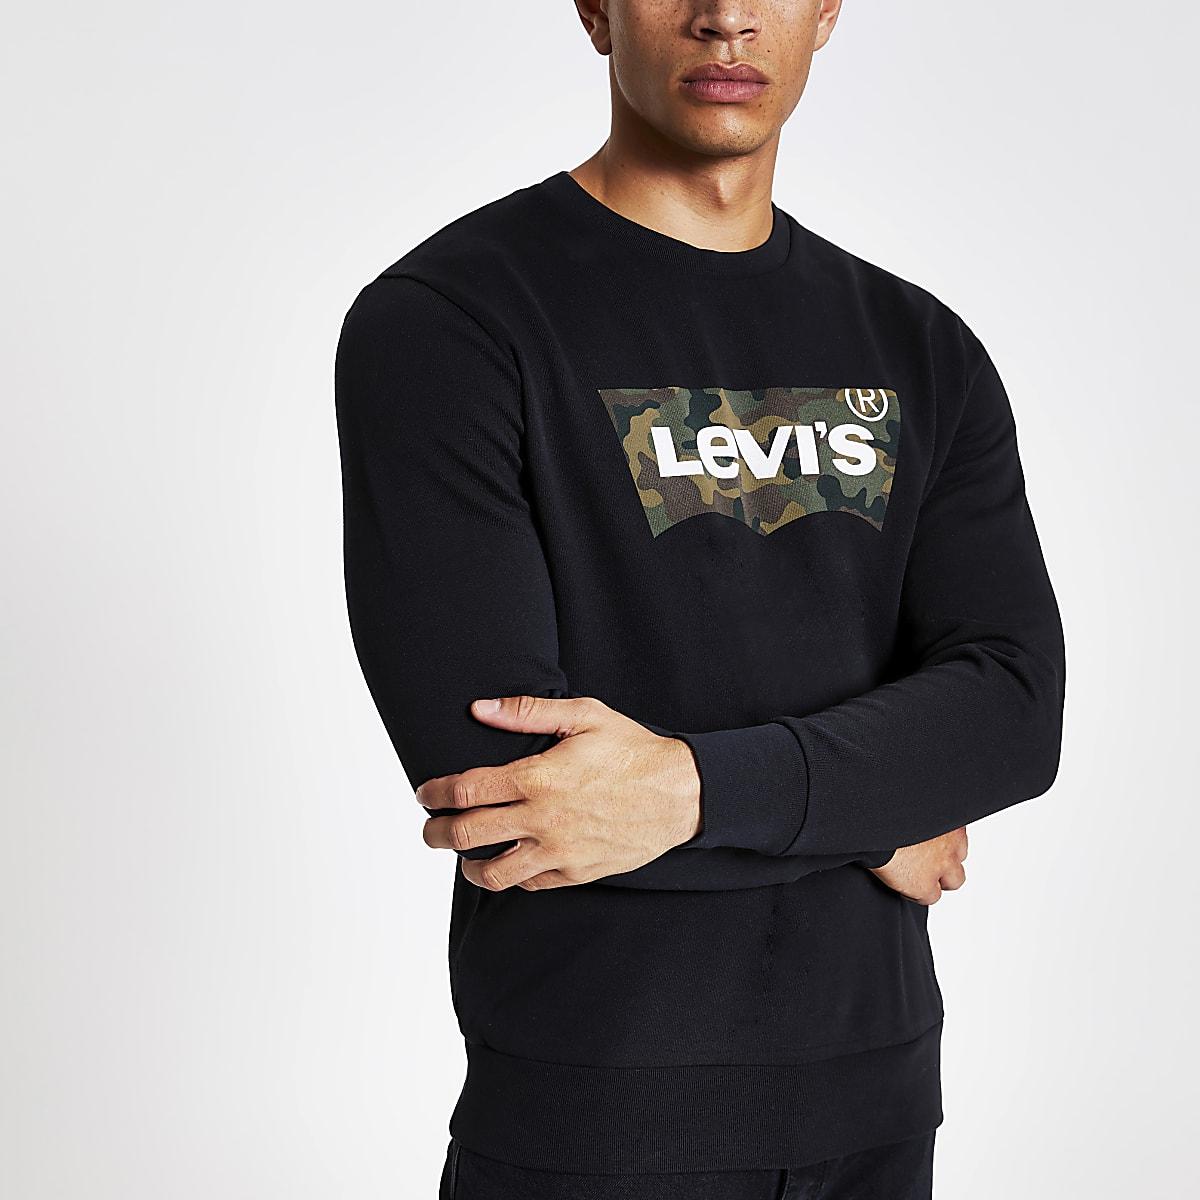 Levi's - Sweatnoir camouflage avec logo imprimé